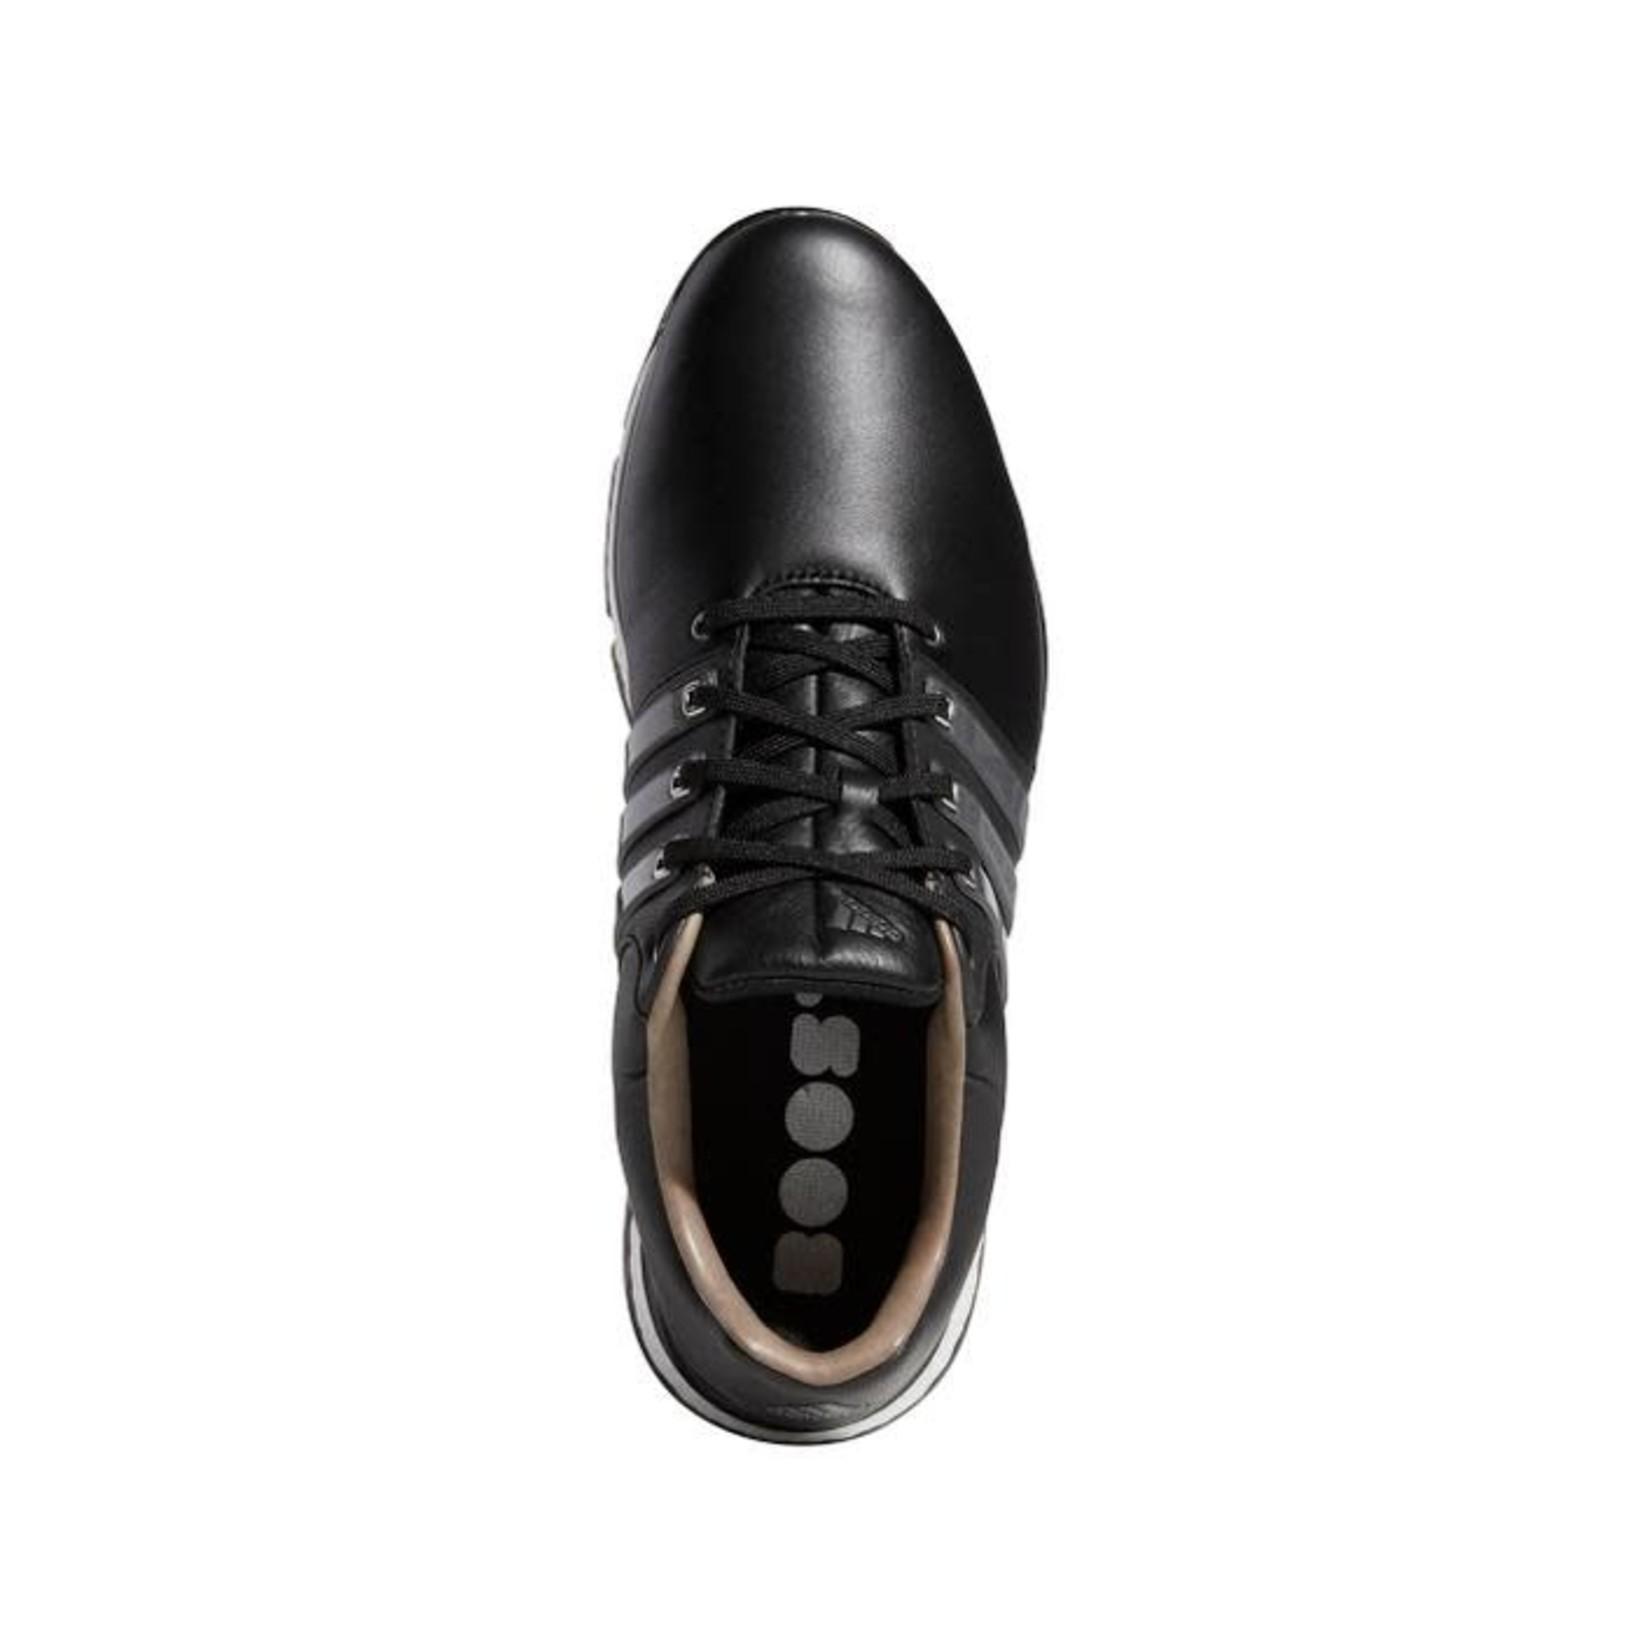 Adidas tour360 xt - SL